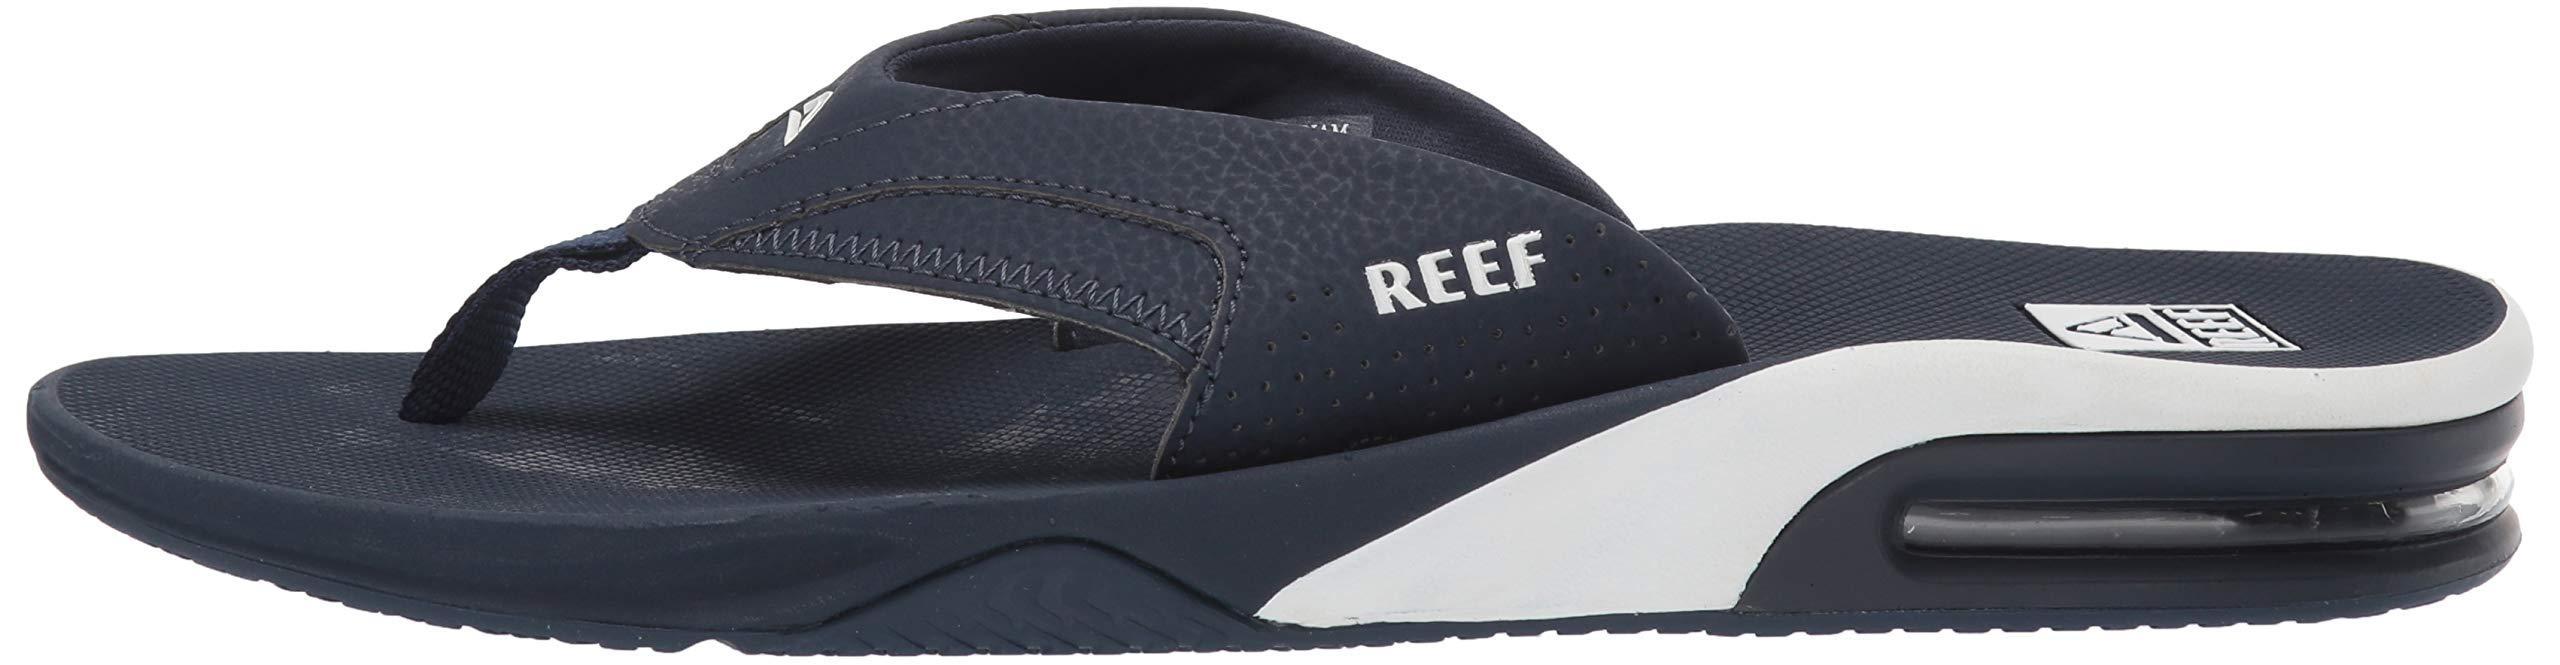 Reef Men's Fanning Sandal Navy/White 100 M US by Reef (Image #5)